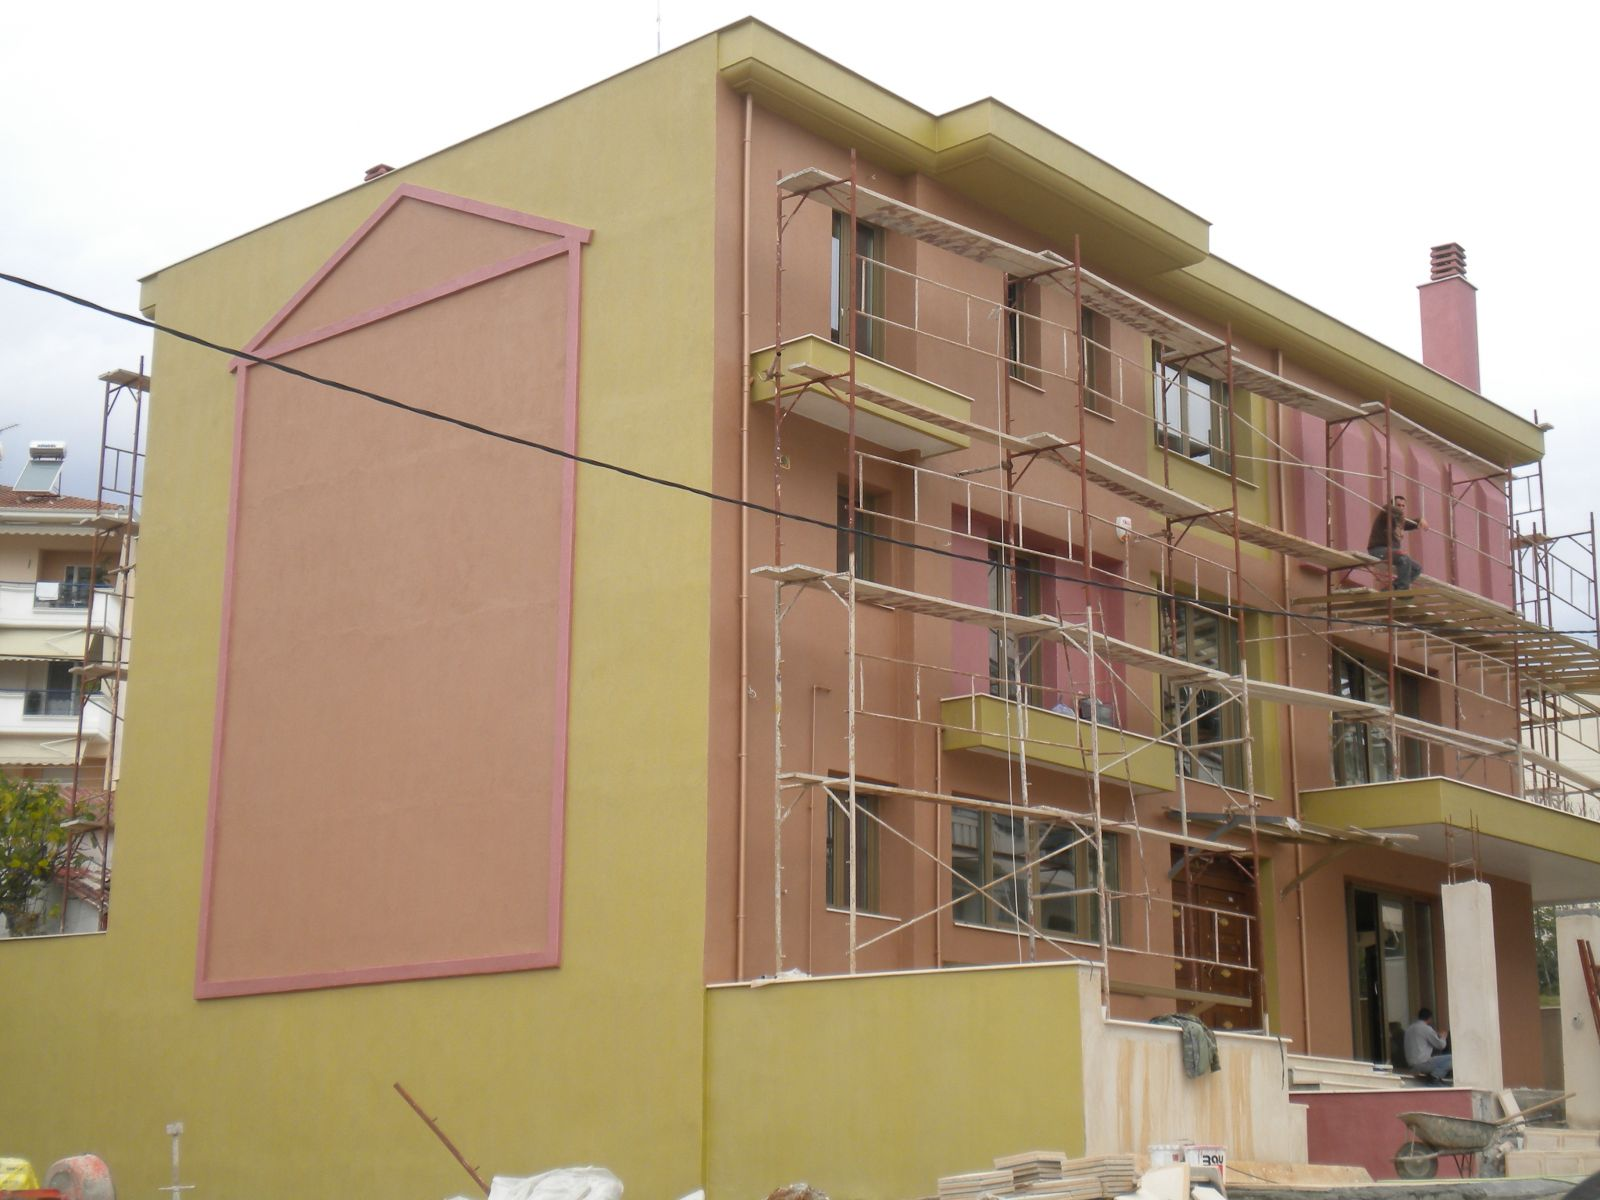 Εξωτερική θερμοπρόσοψη με θερμοσοβά Tektoterm σε ιδιωτική κατοικία στο Κλικίς επιφάνειας 700sqm